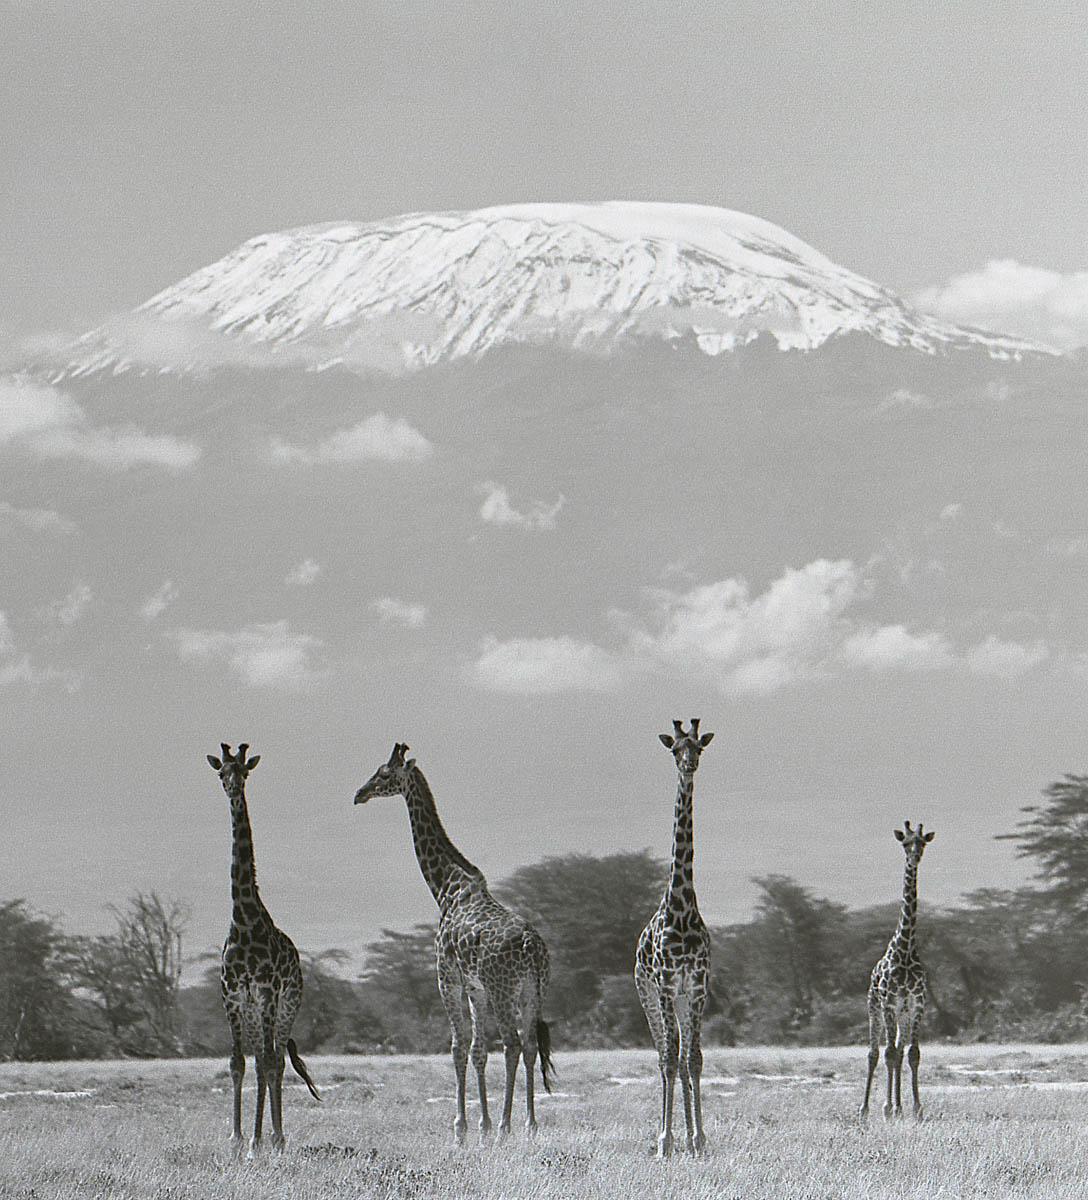 Ylla - Giraffes Photograph